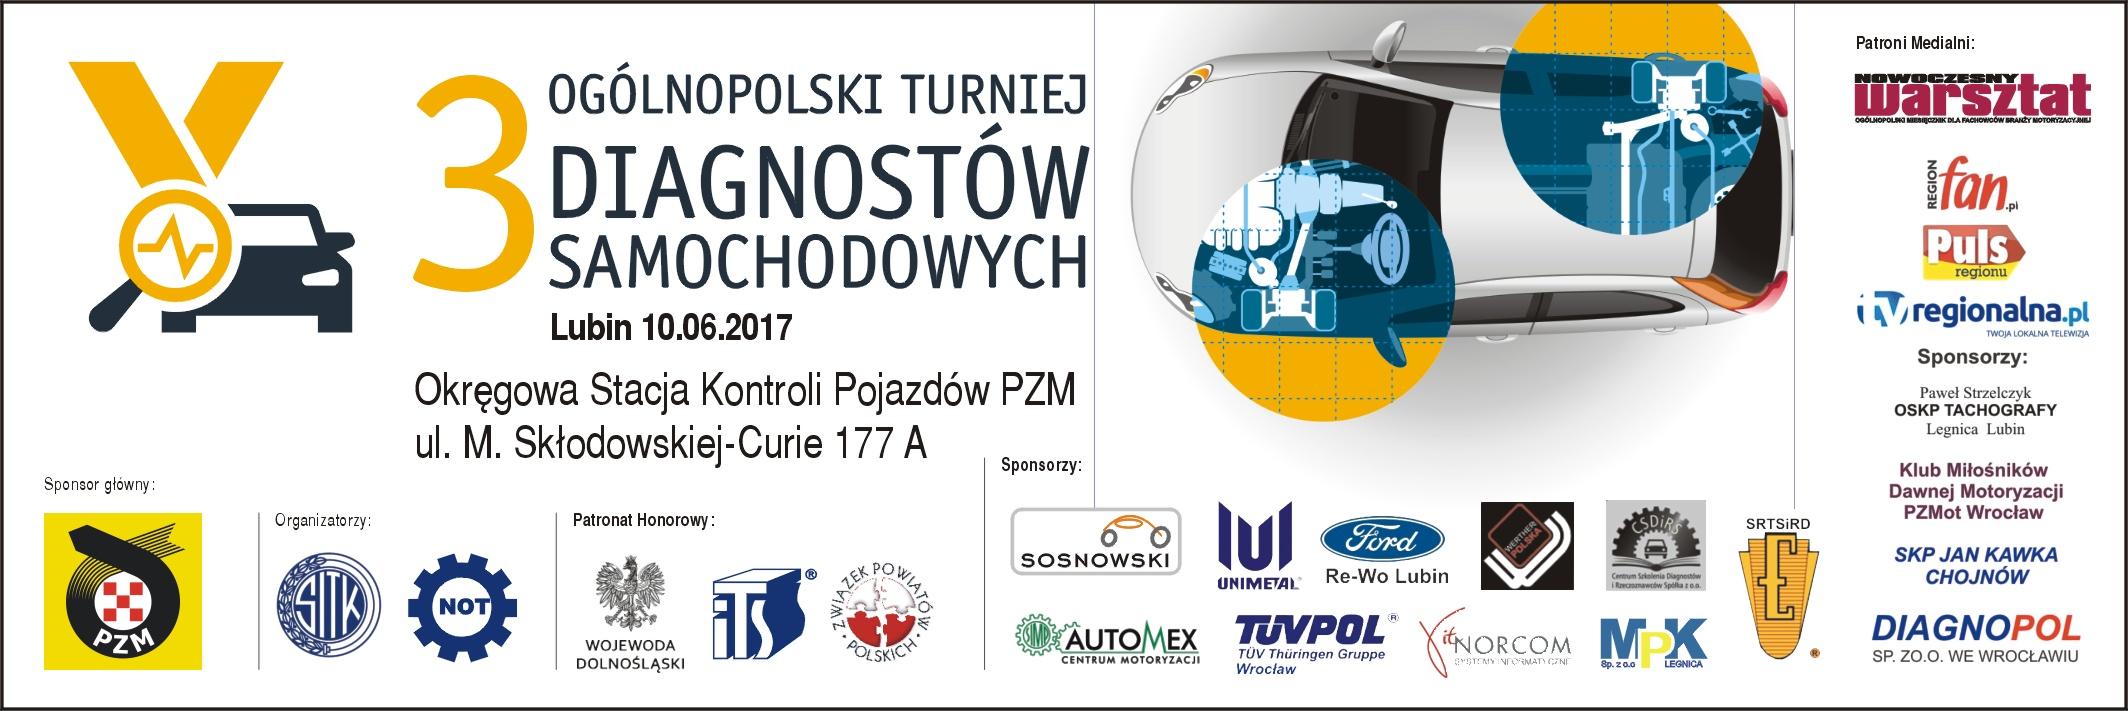 III OGÓLNOPOLSKI TURNIEJ DIAGNOSTÓW - Zapraszamy!       Lubin, dnia 10.06.2017 r.